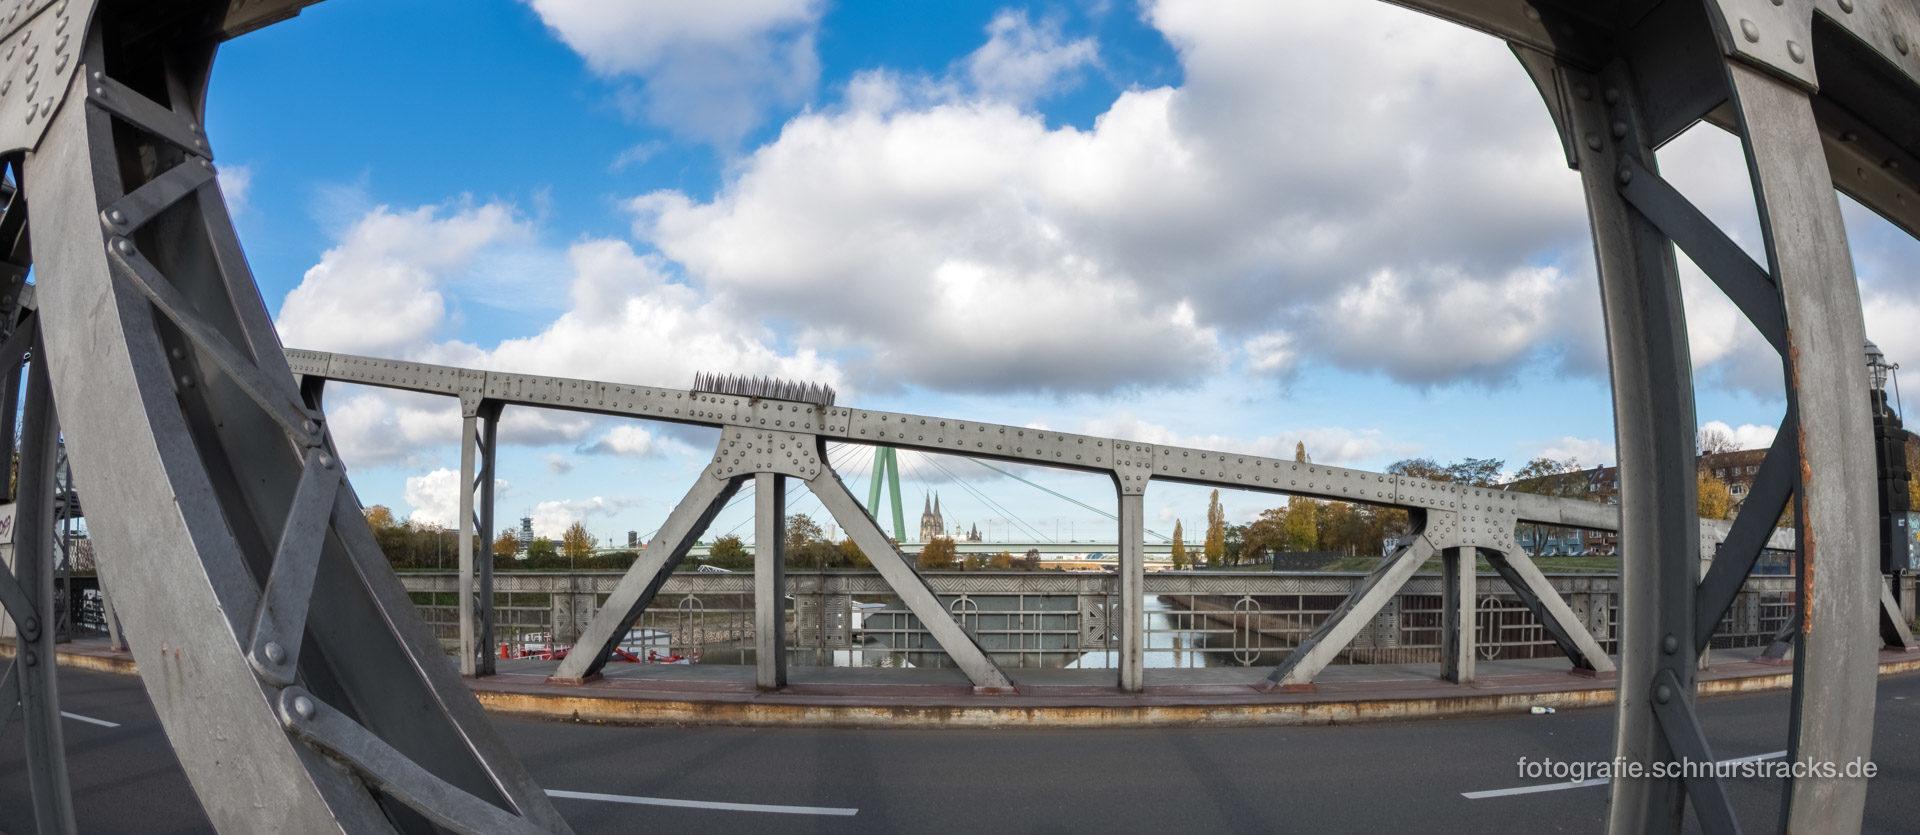 Drehbrücke #5915